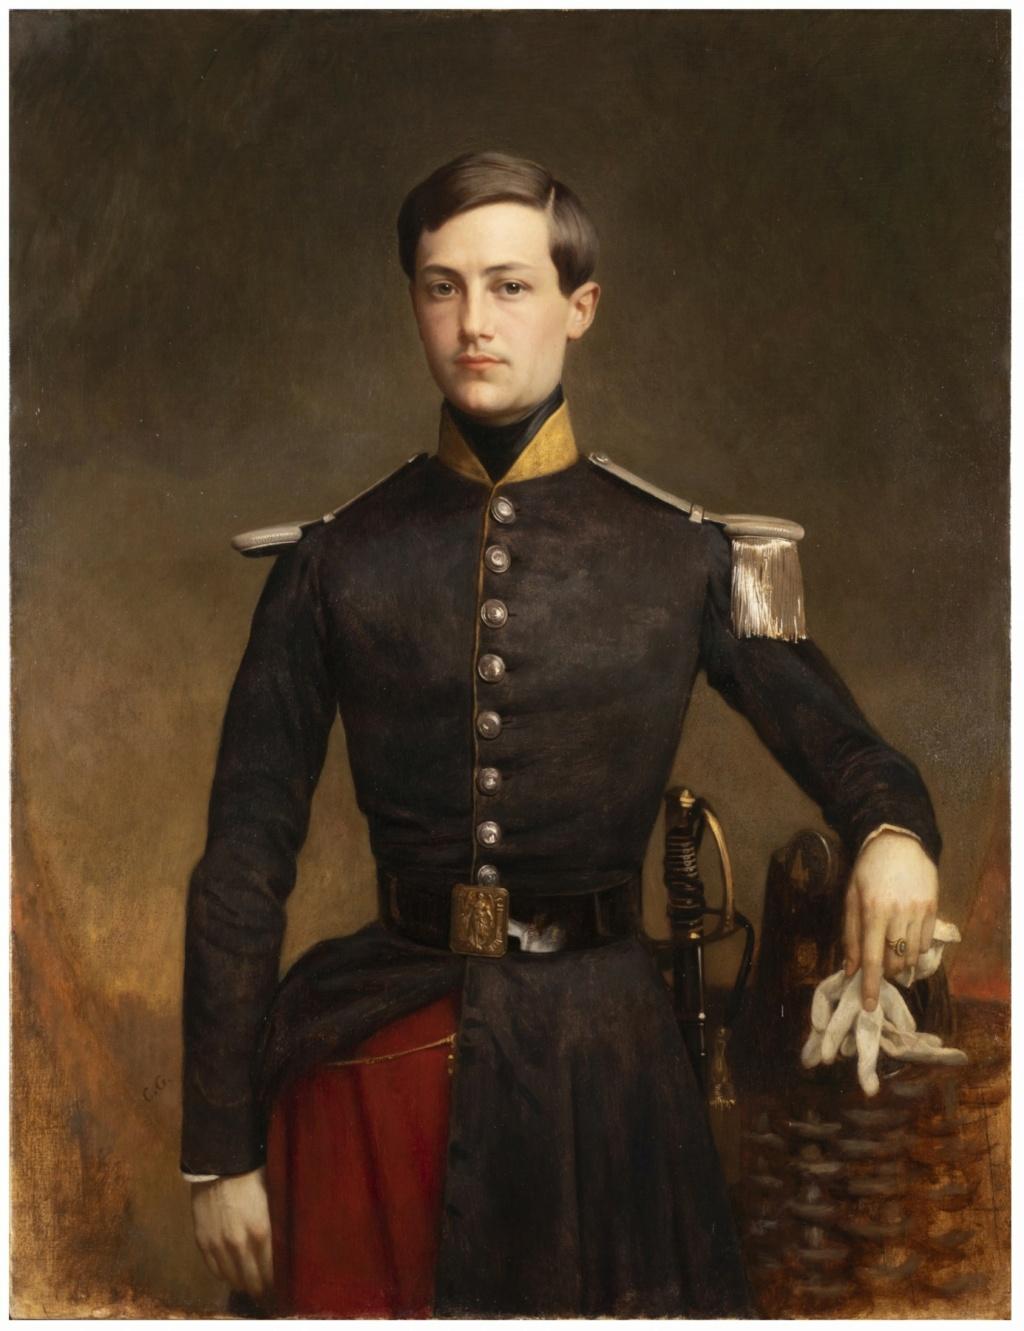 Sabres d'officier d'infanterie modèles 1845 et 1845-55 Antics11